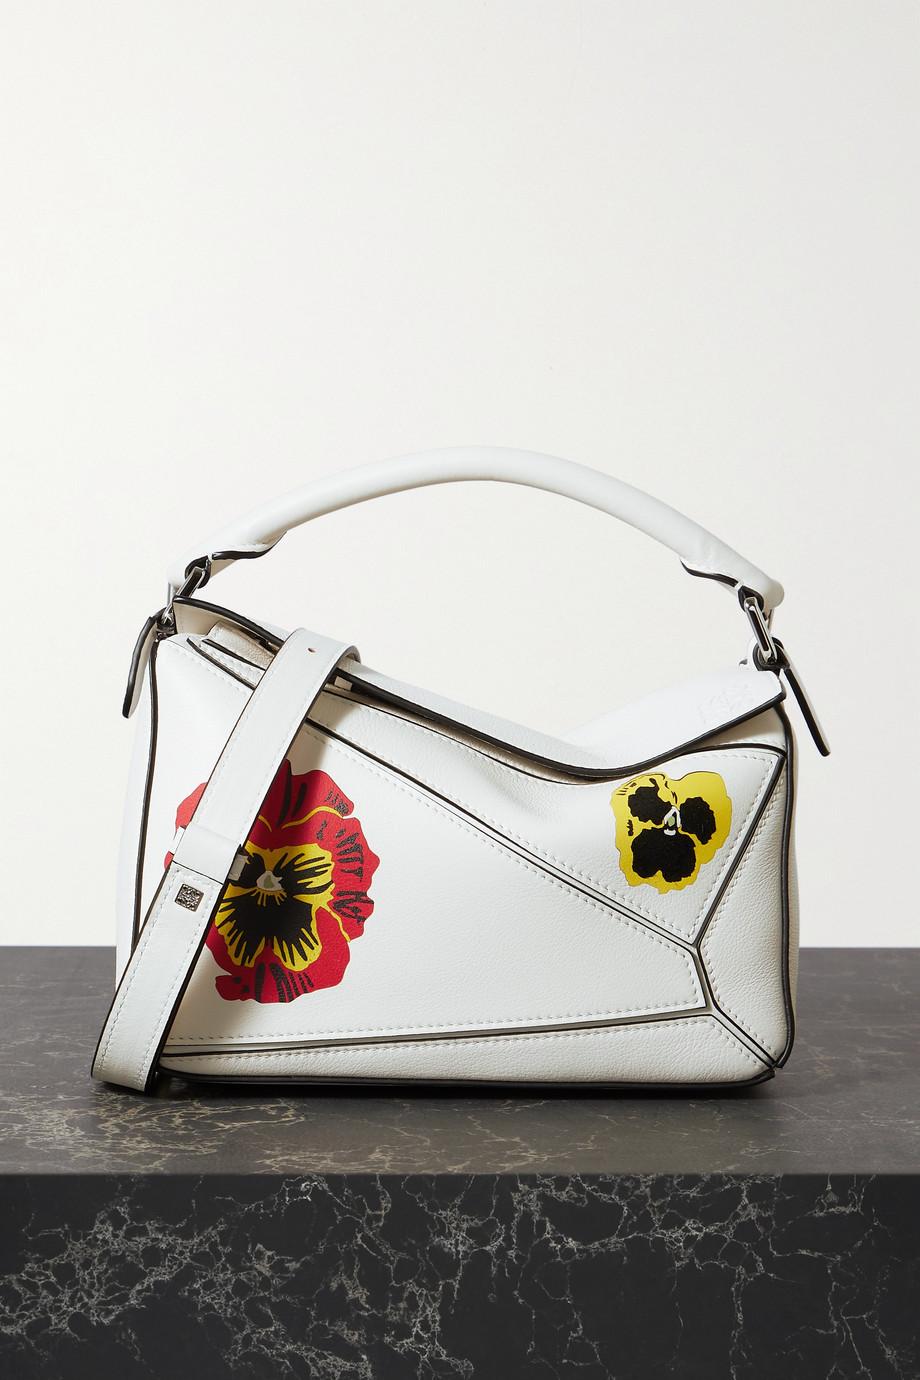 Loewe + Joe Brainard Puzzle kleine Schultertasche aus strukturiertem Leder mit Blumenprint